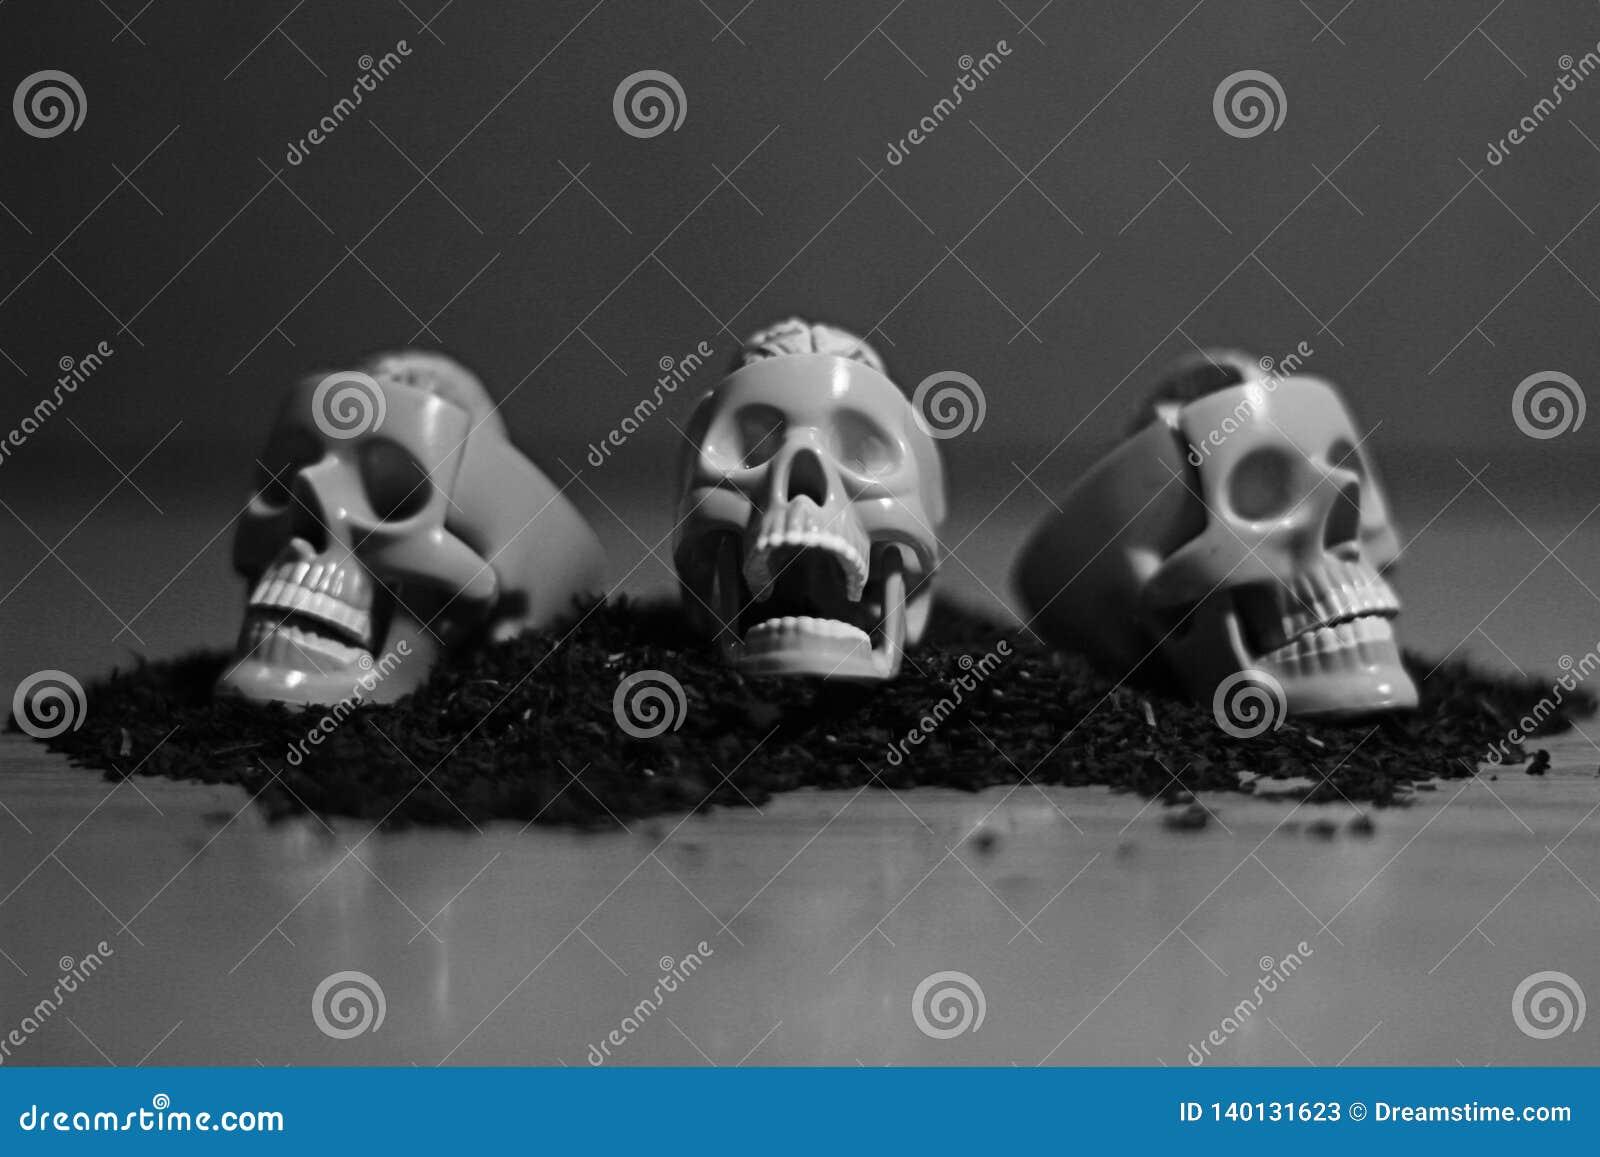 Skull art photo for all